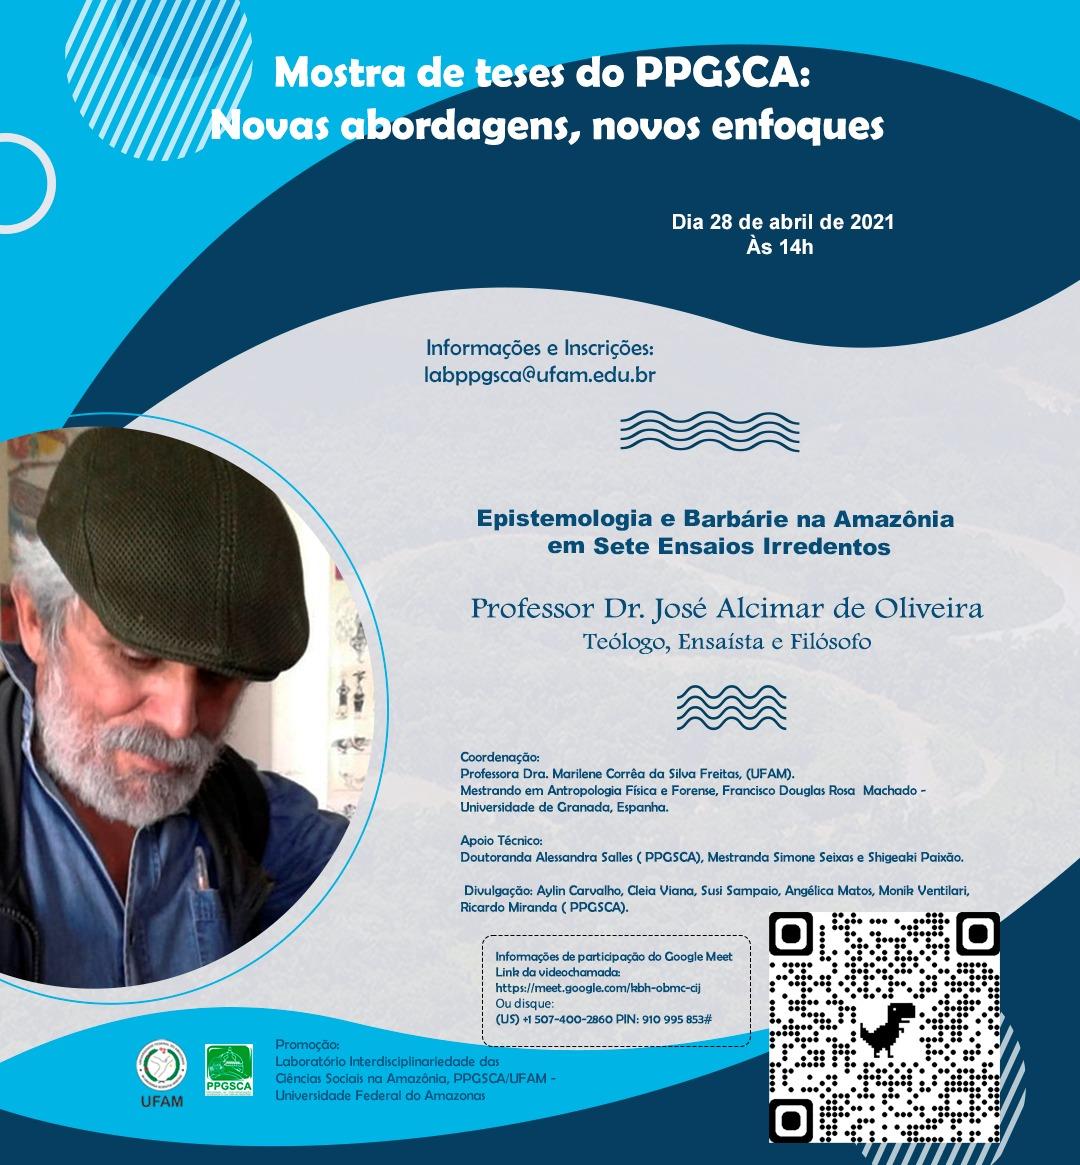 Mostra de teses do PPGSCA: novas abordagens, novos enfoques